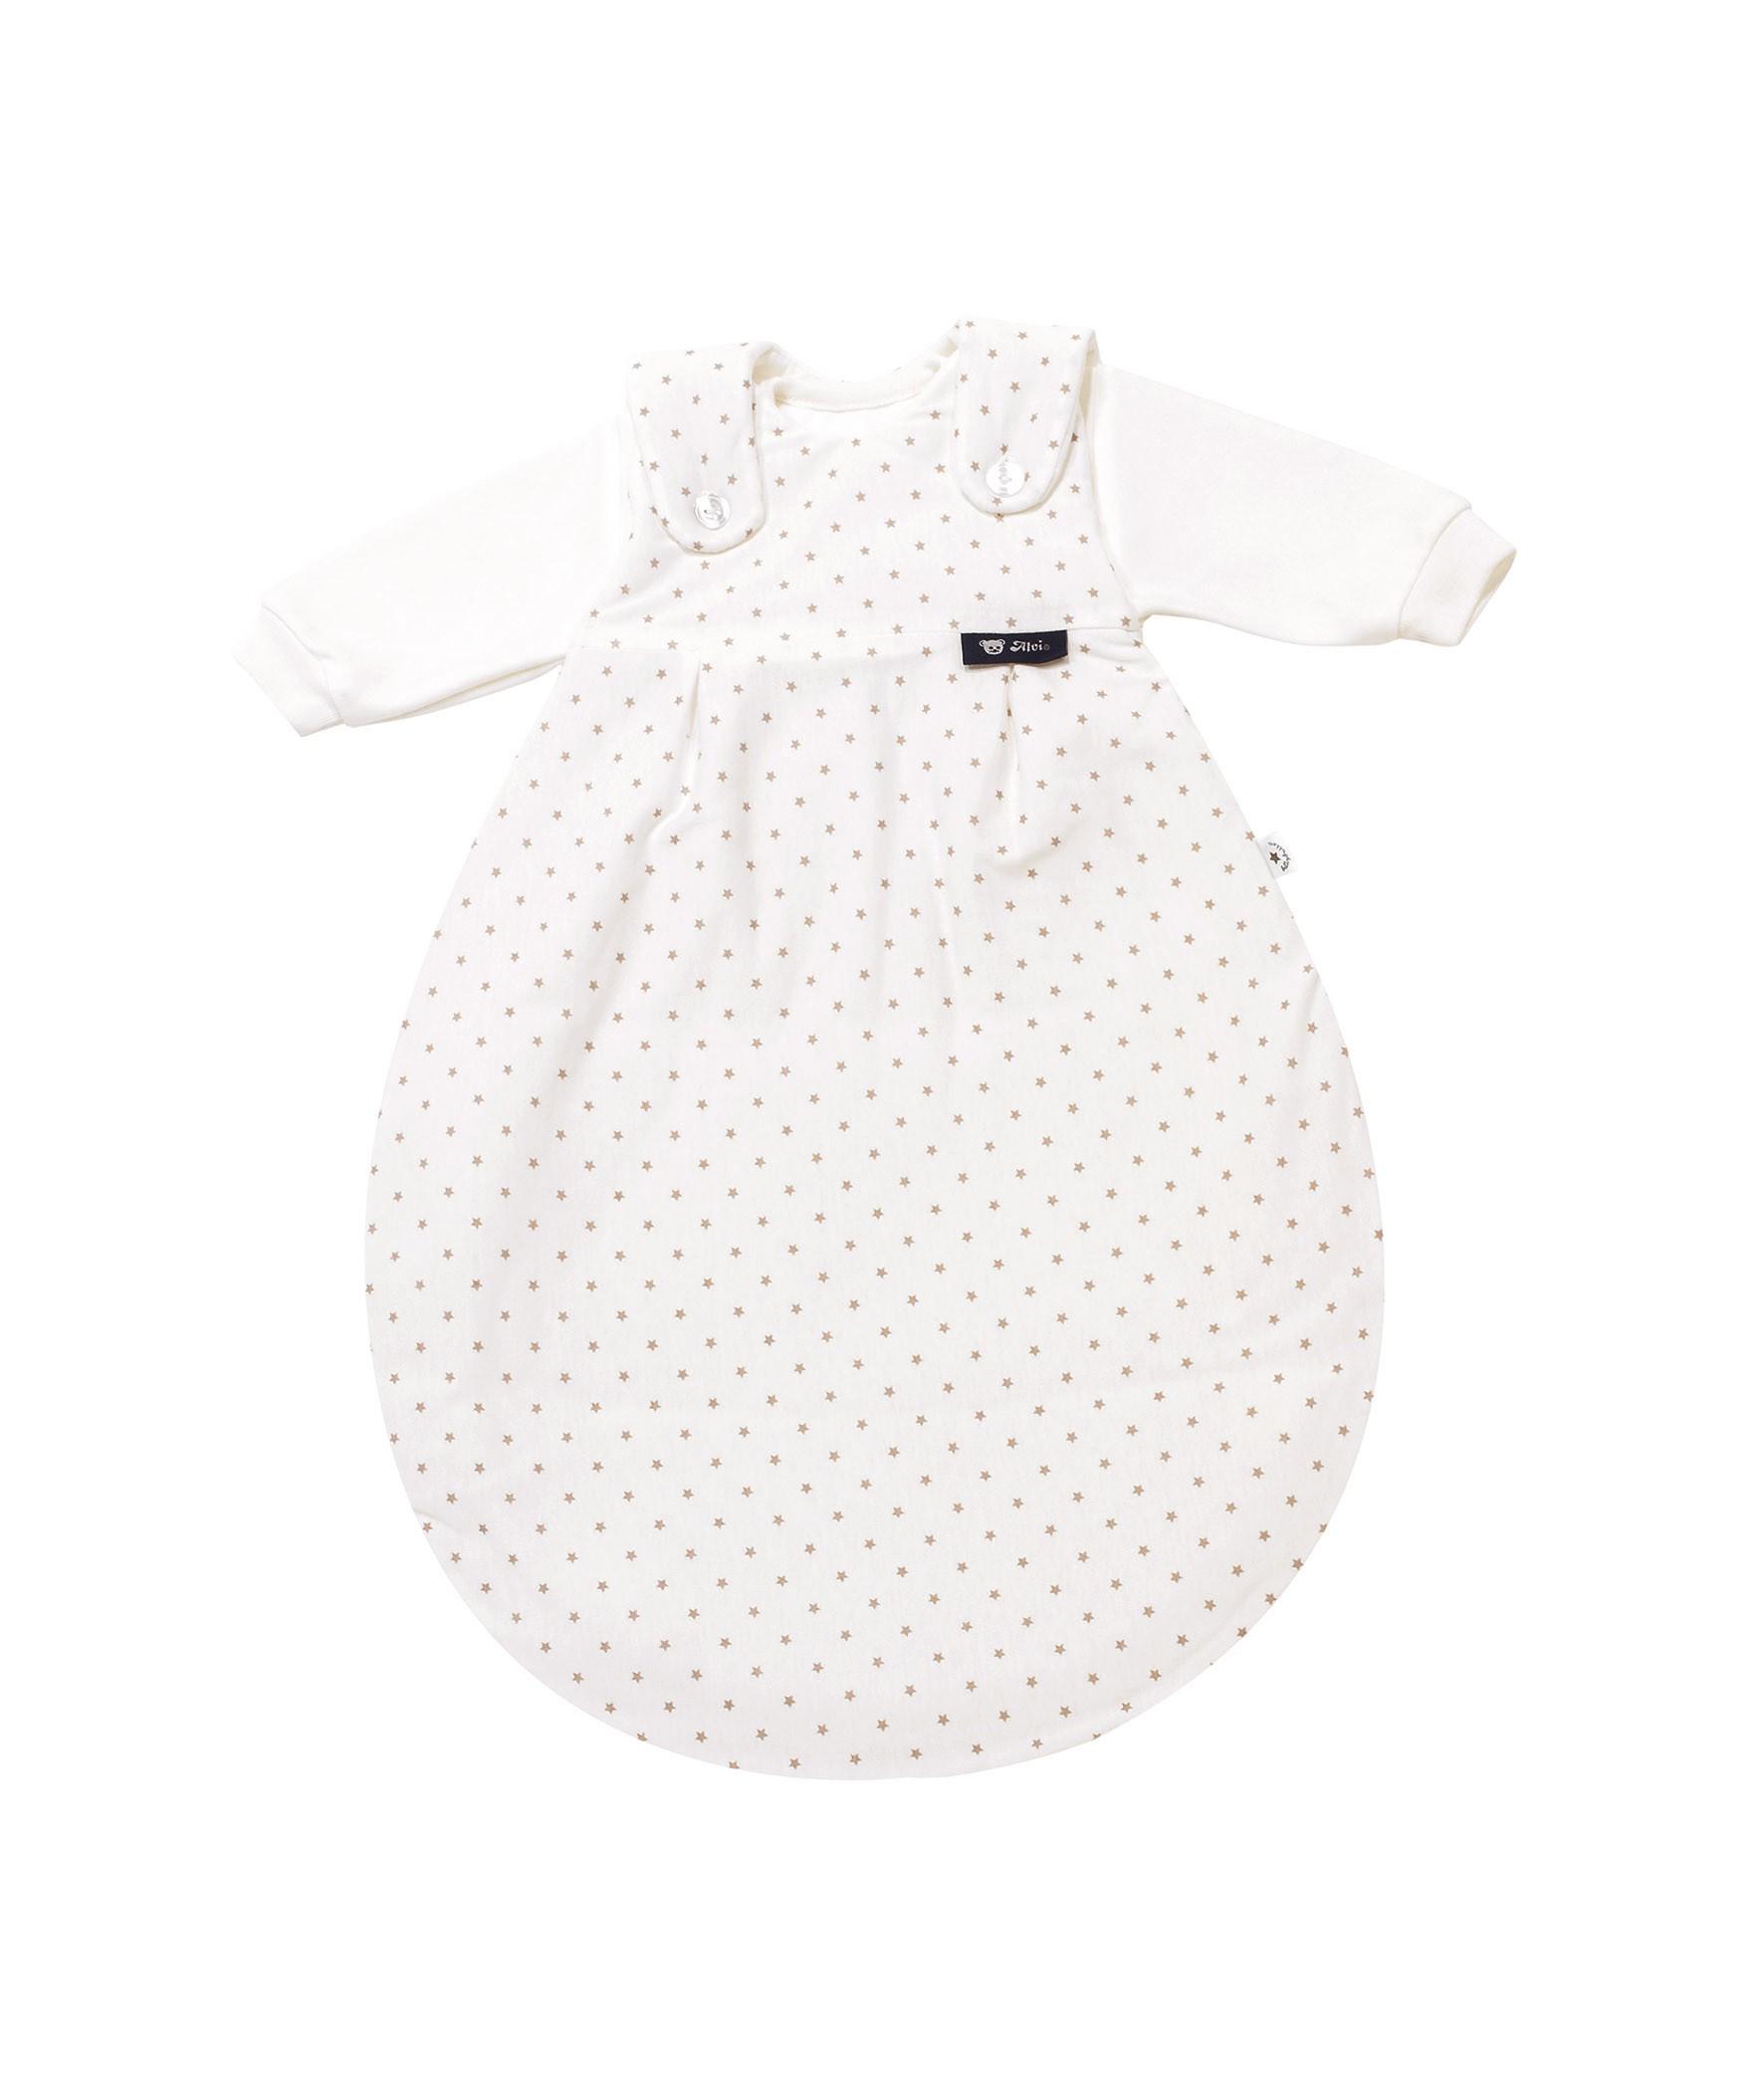 Alvi Baby Mäxchen by bellybutton 3tlg. beige little stars